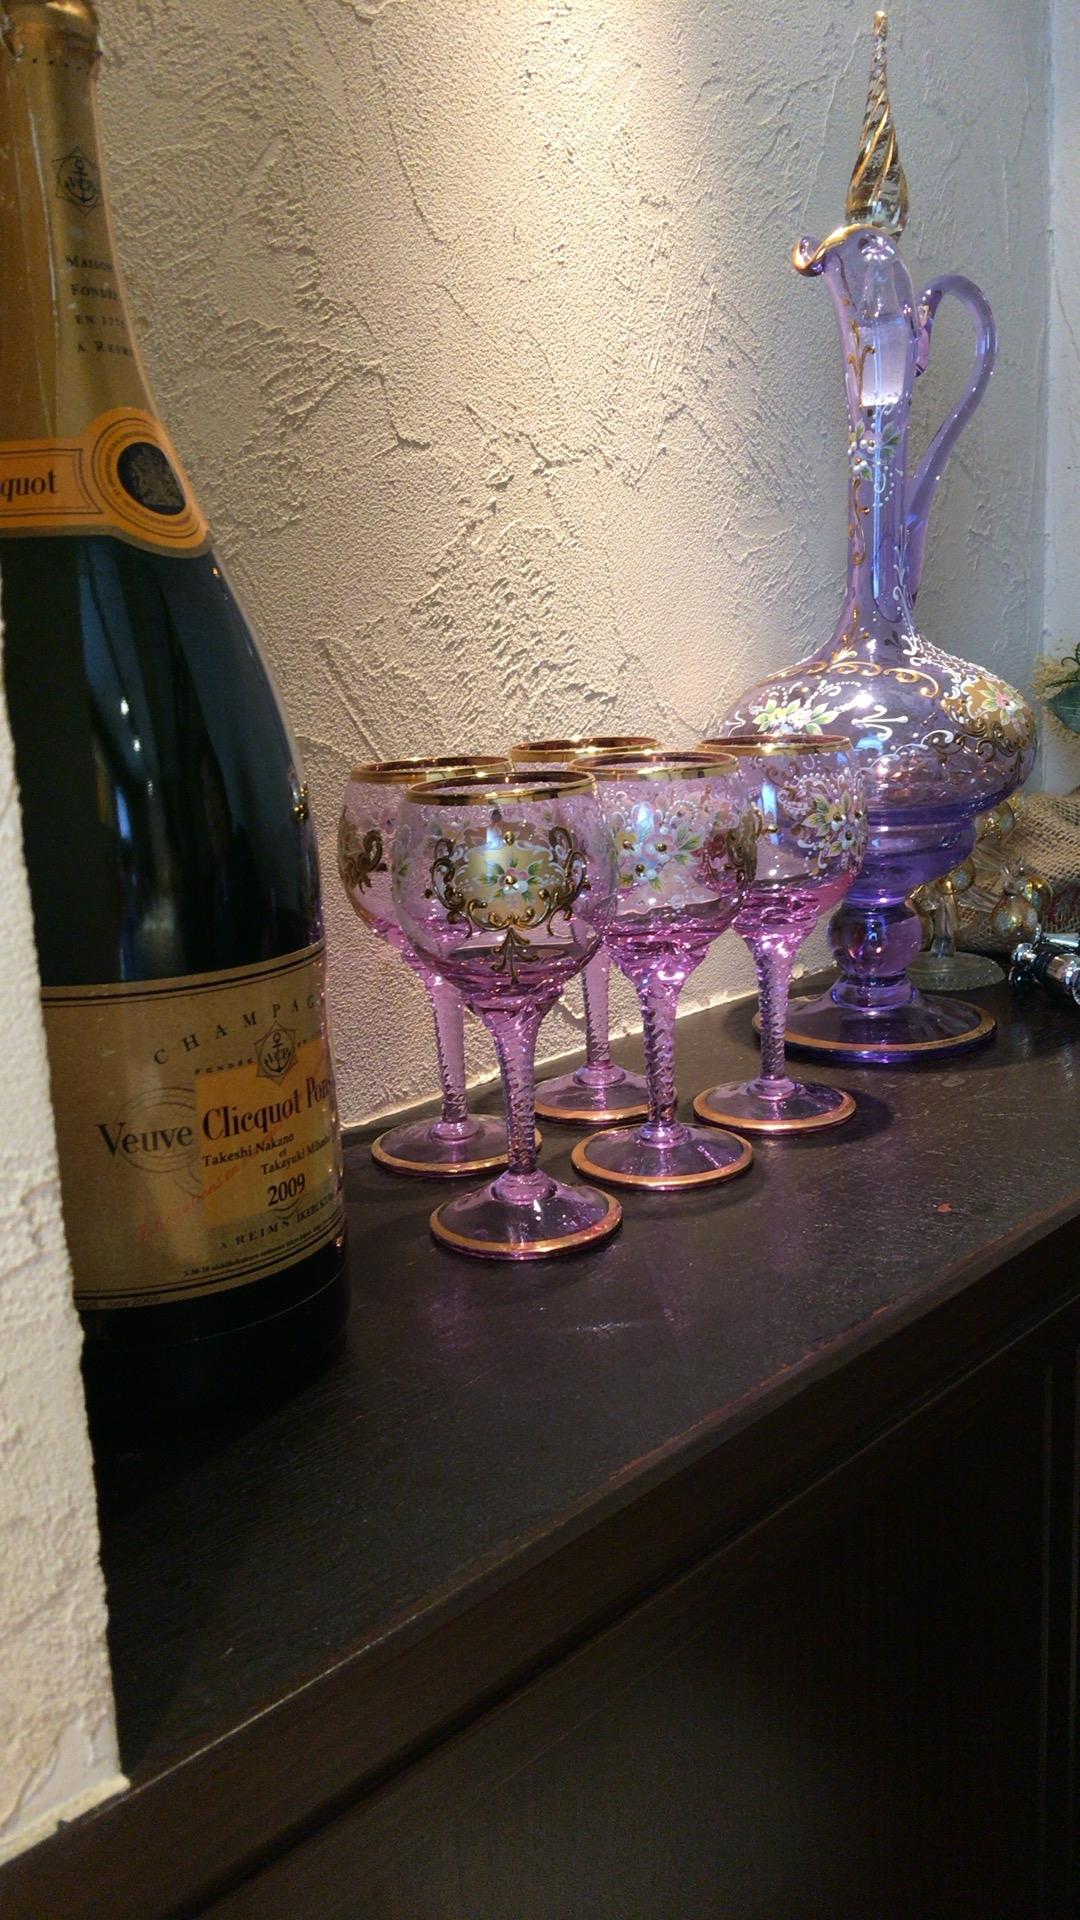 シャンパンのビッグボトル